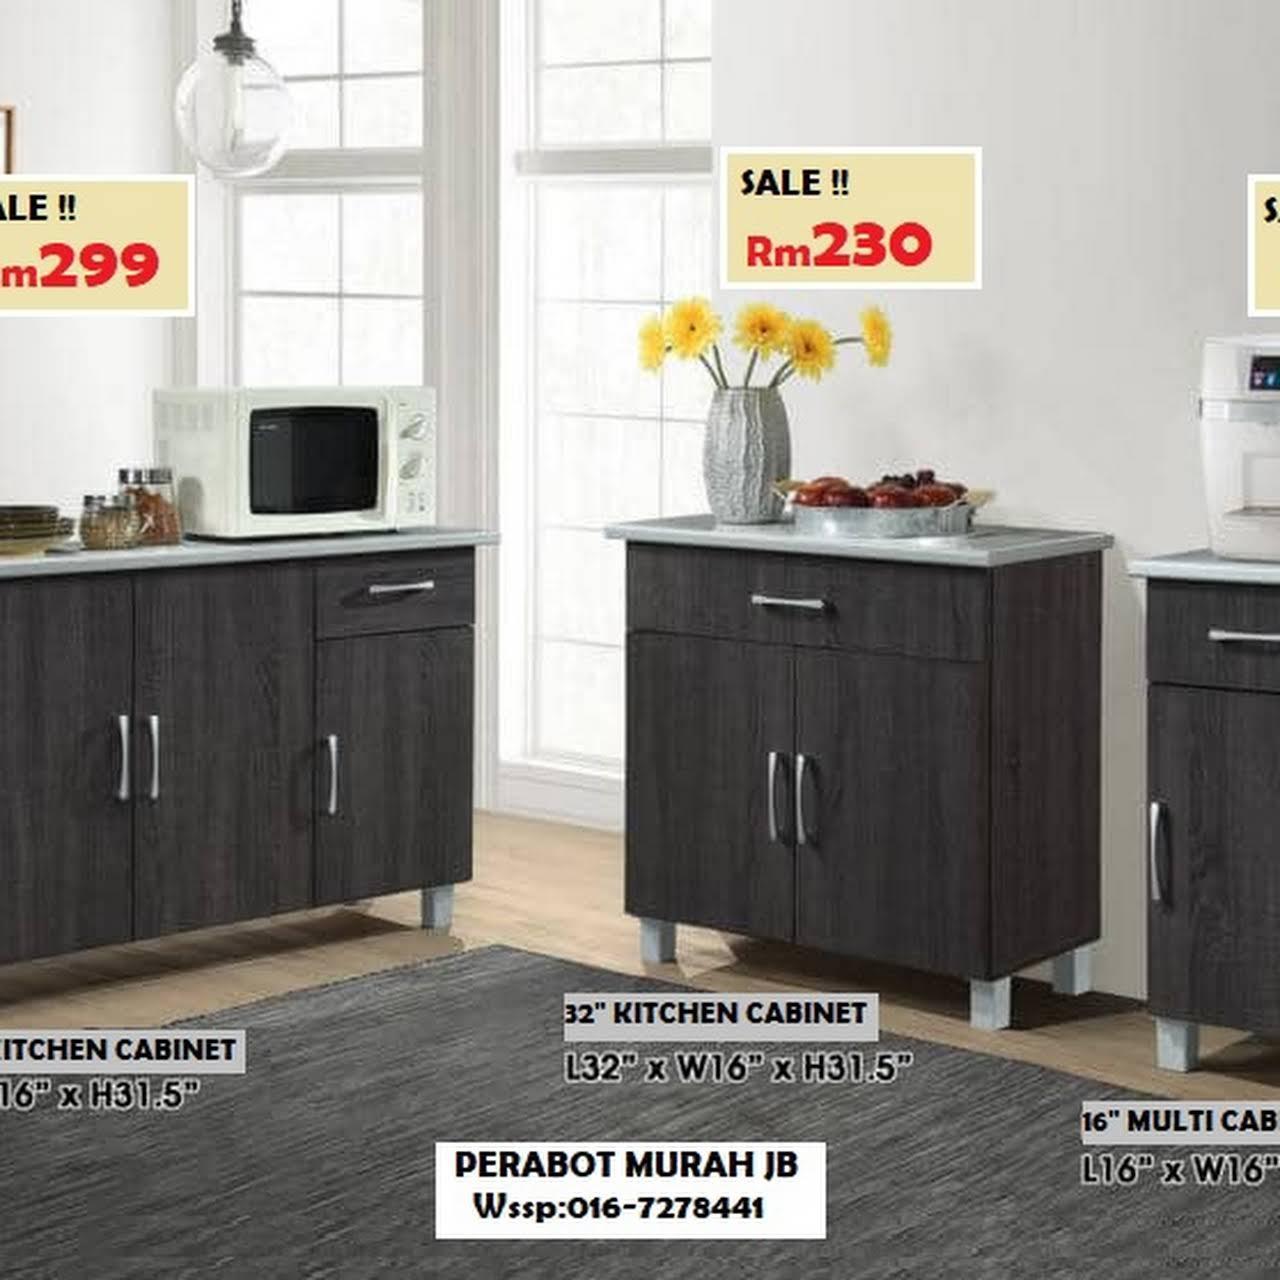 Perabot Murah Jb Furniture In